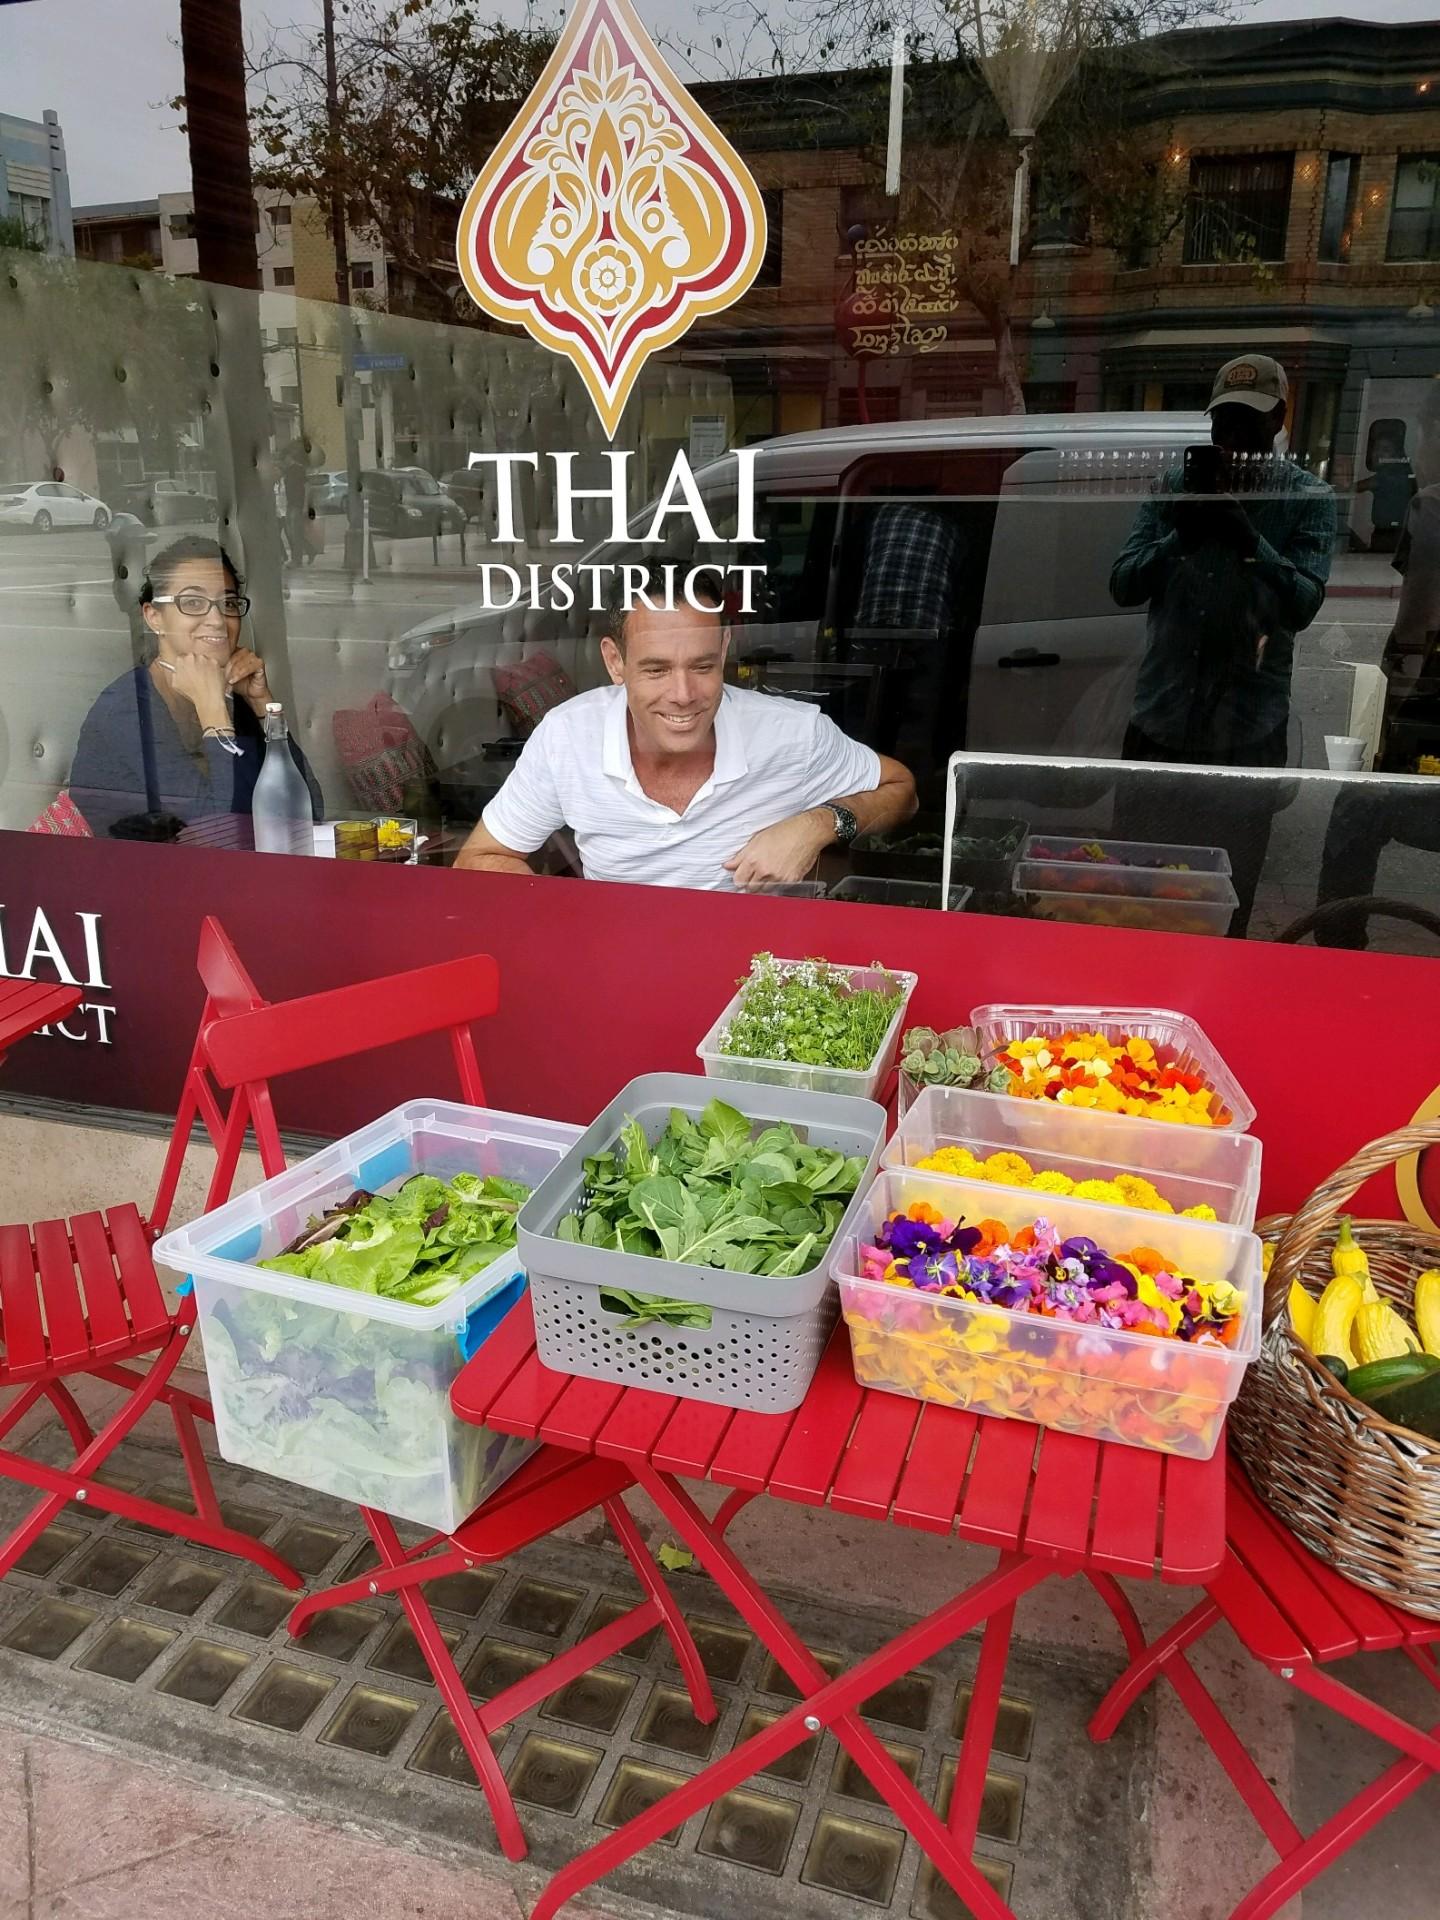 Patron of Thai Distict